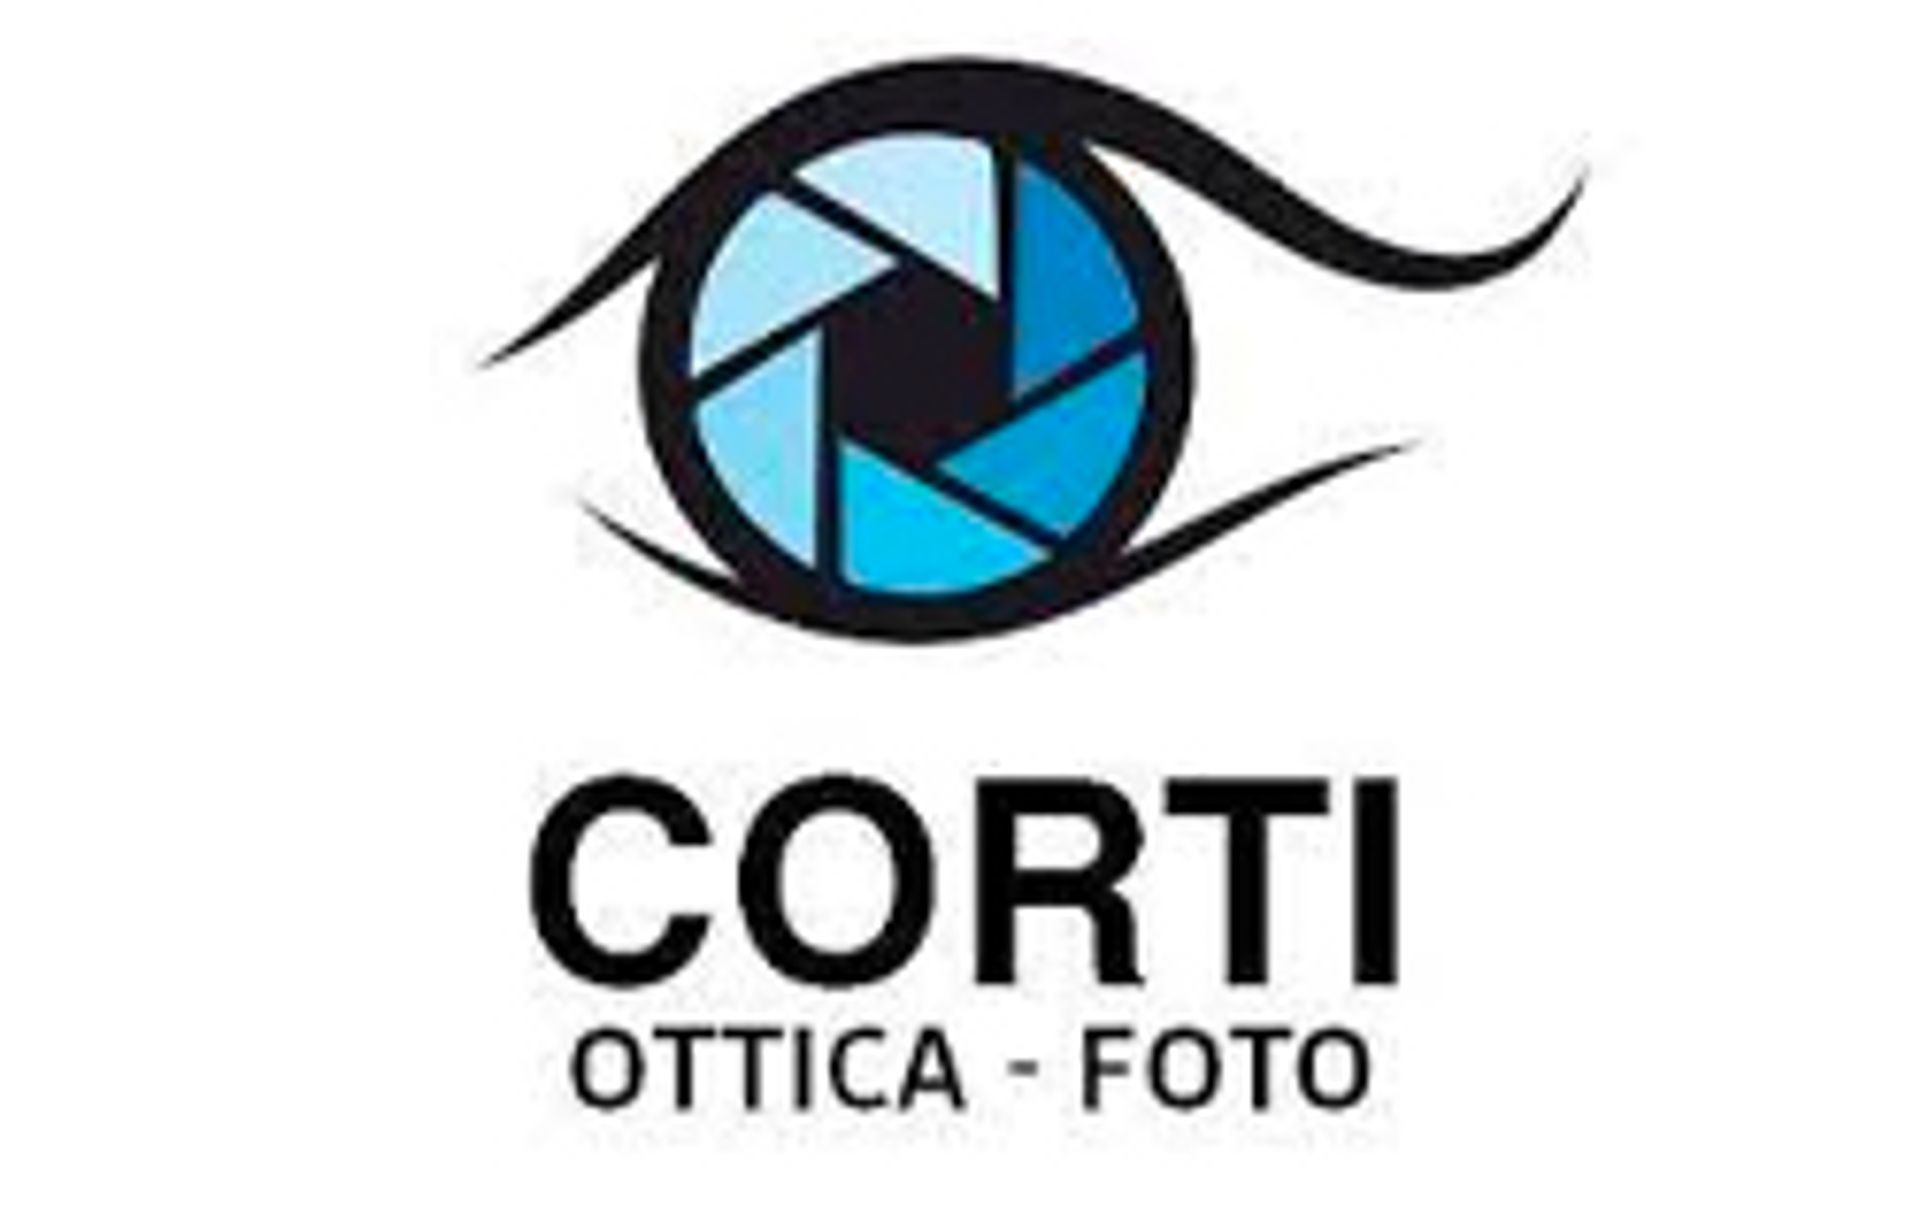 Corti Ottica Foto